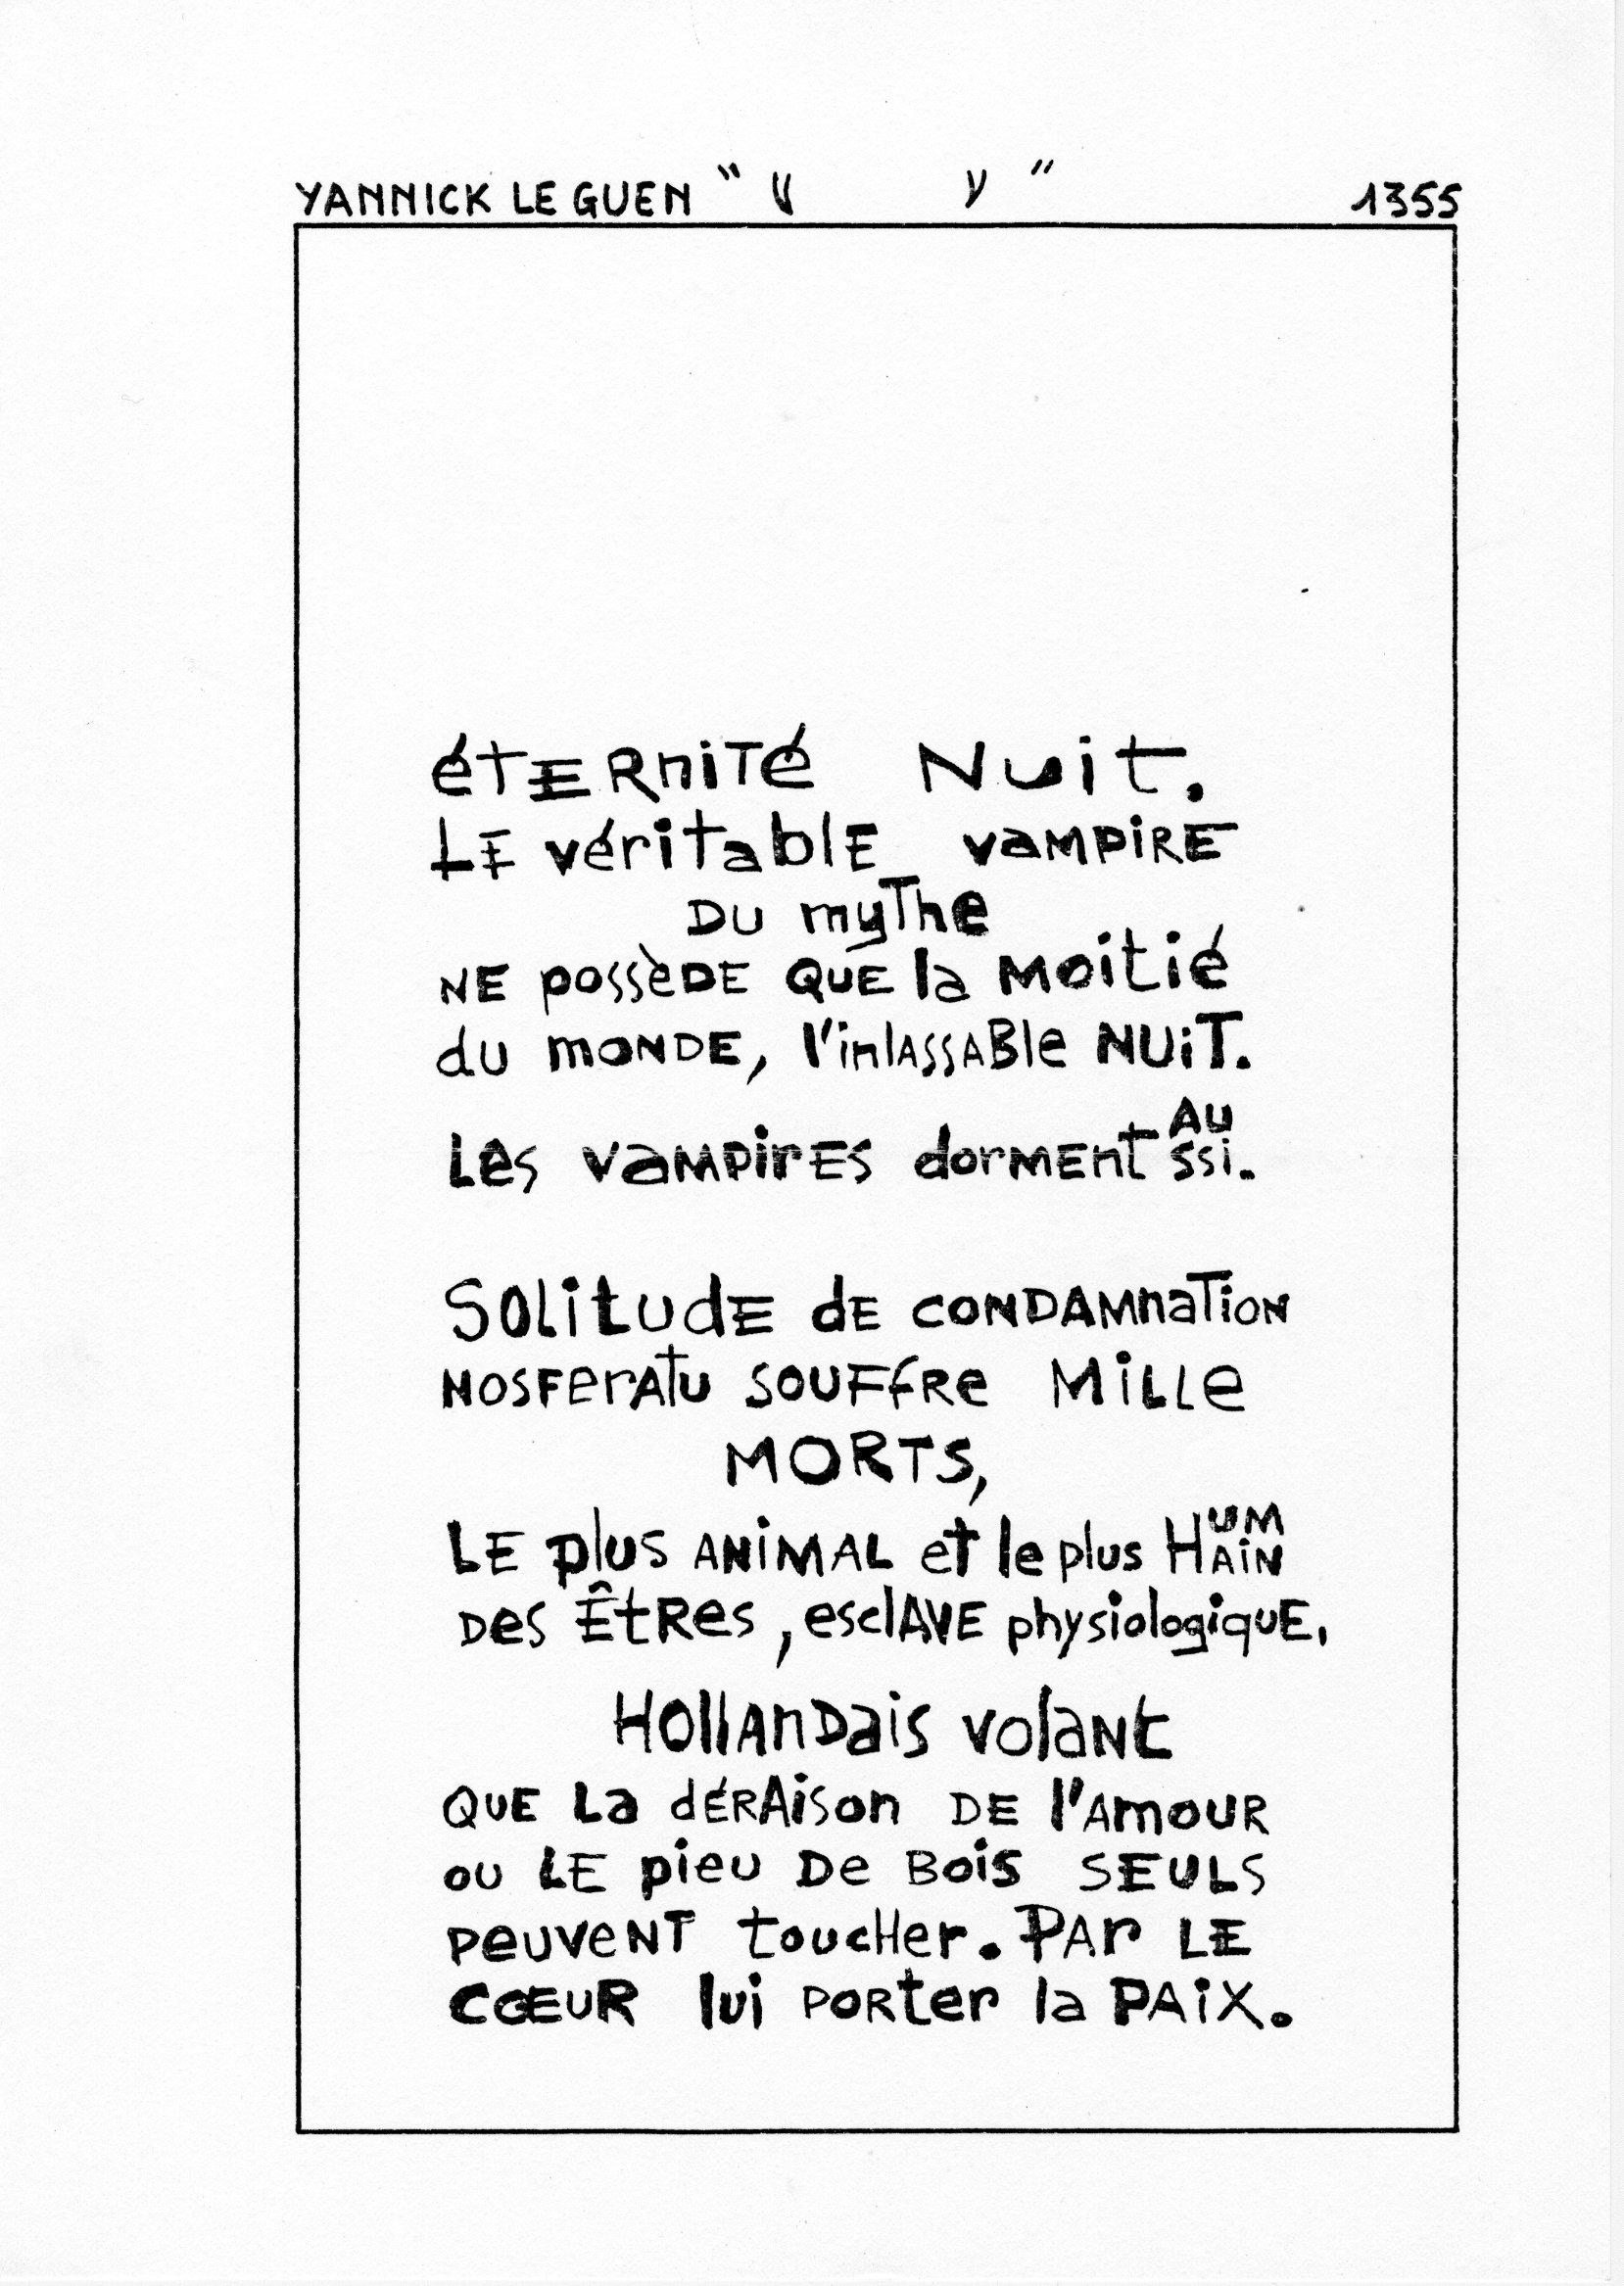 page 1355 Y. Leguen SANS TITRE